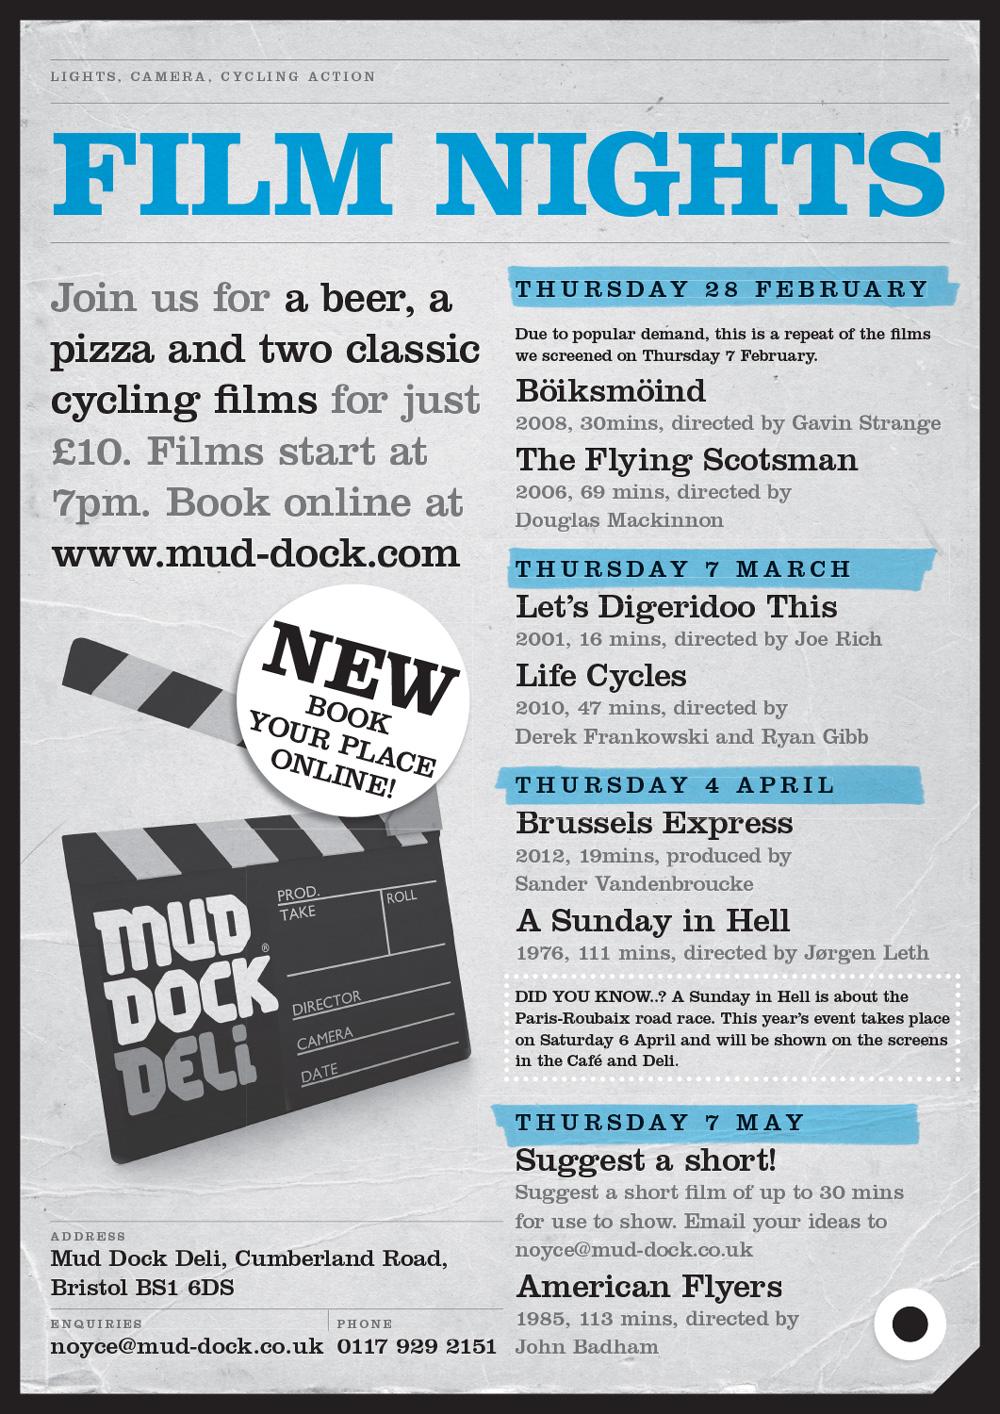 Mud Dock Deli Film Night poster